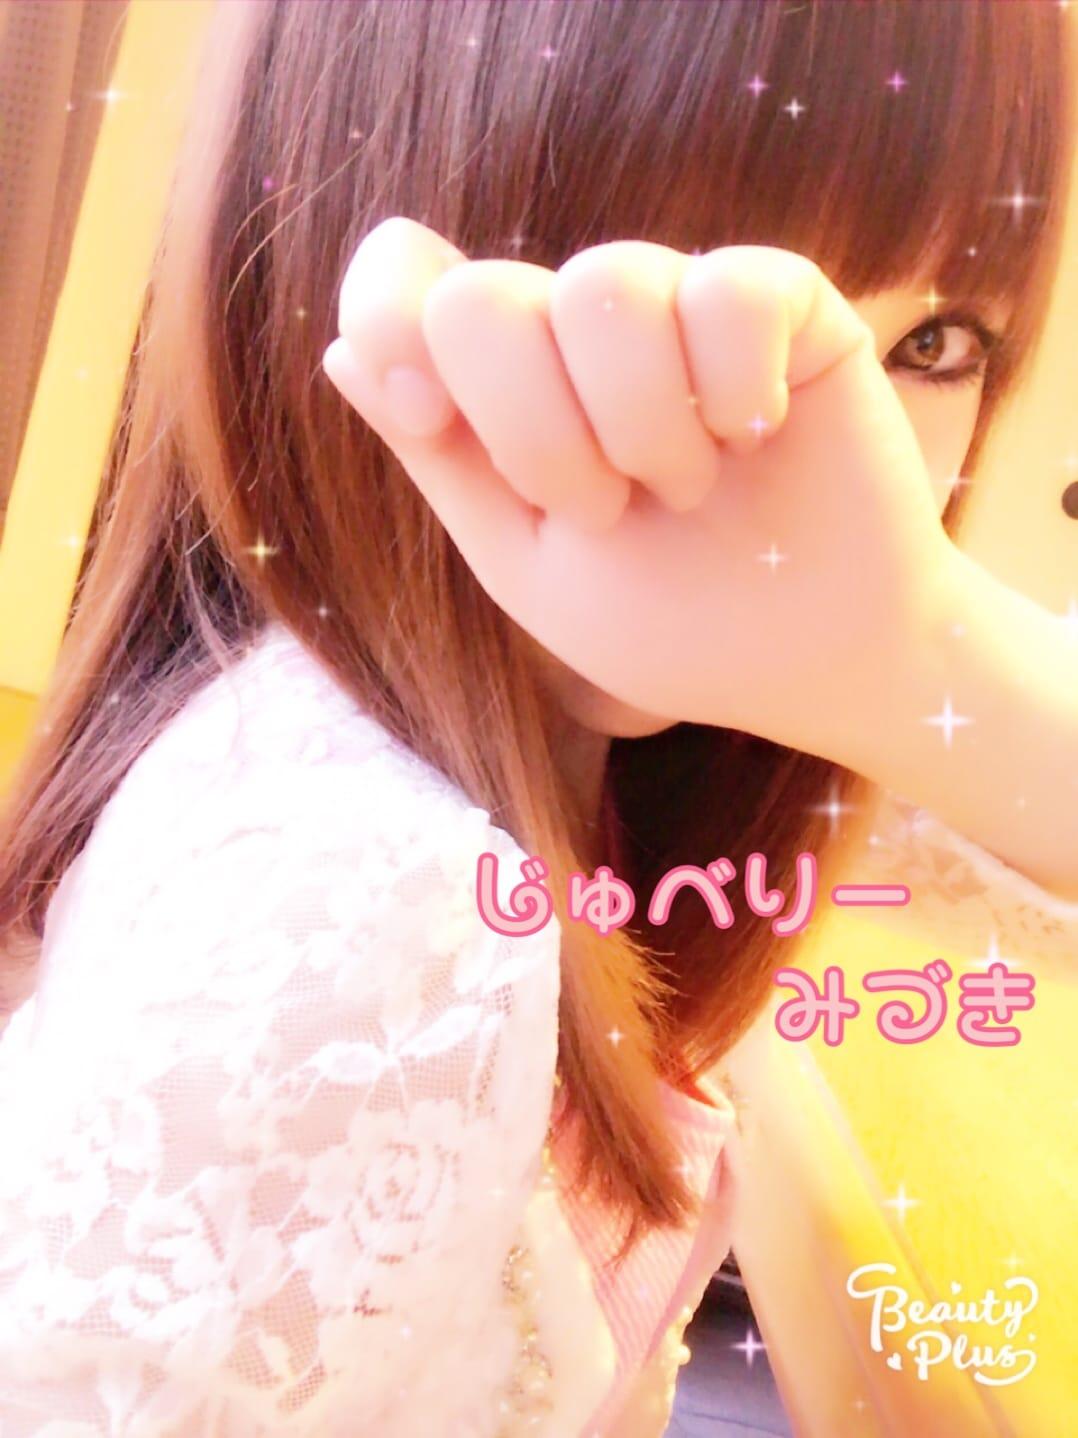 「珍しくねっ♪」09/11(09/11) 13:21   みづきの写メ・風俗動画